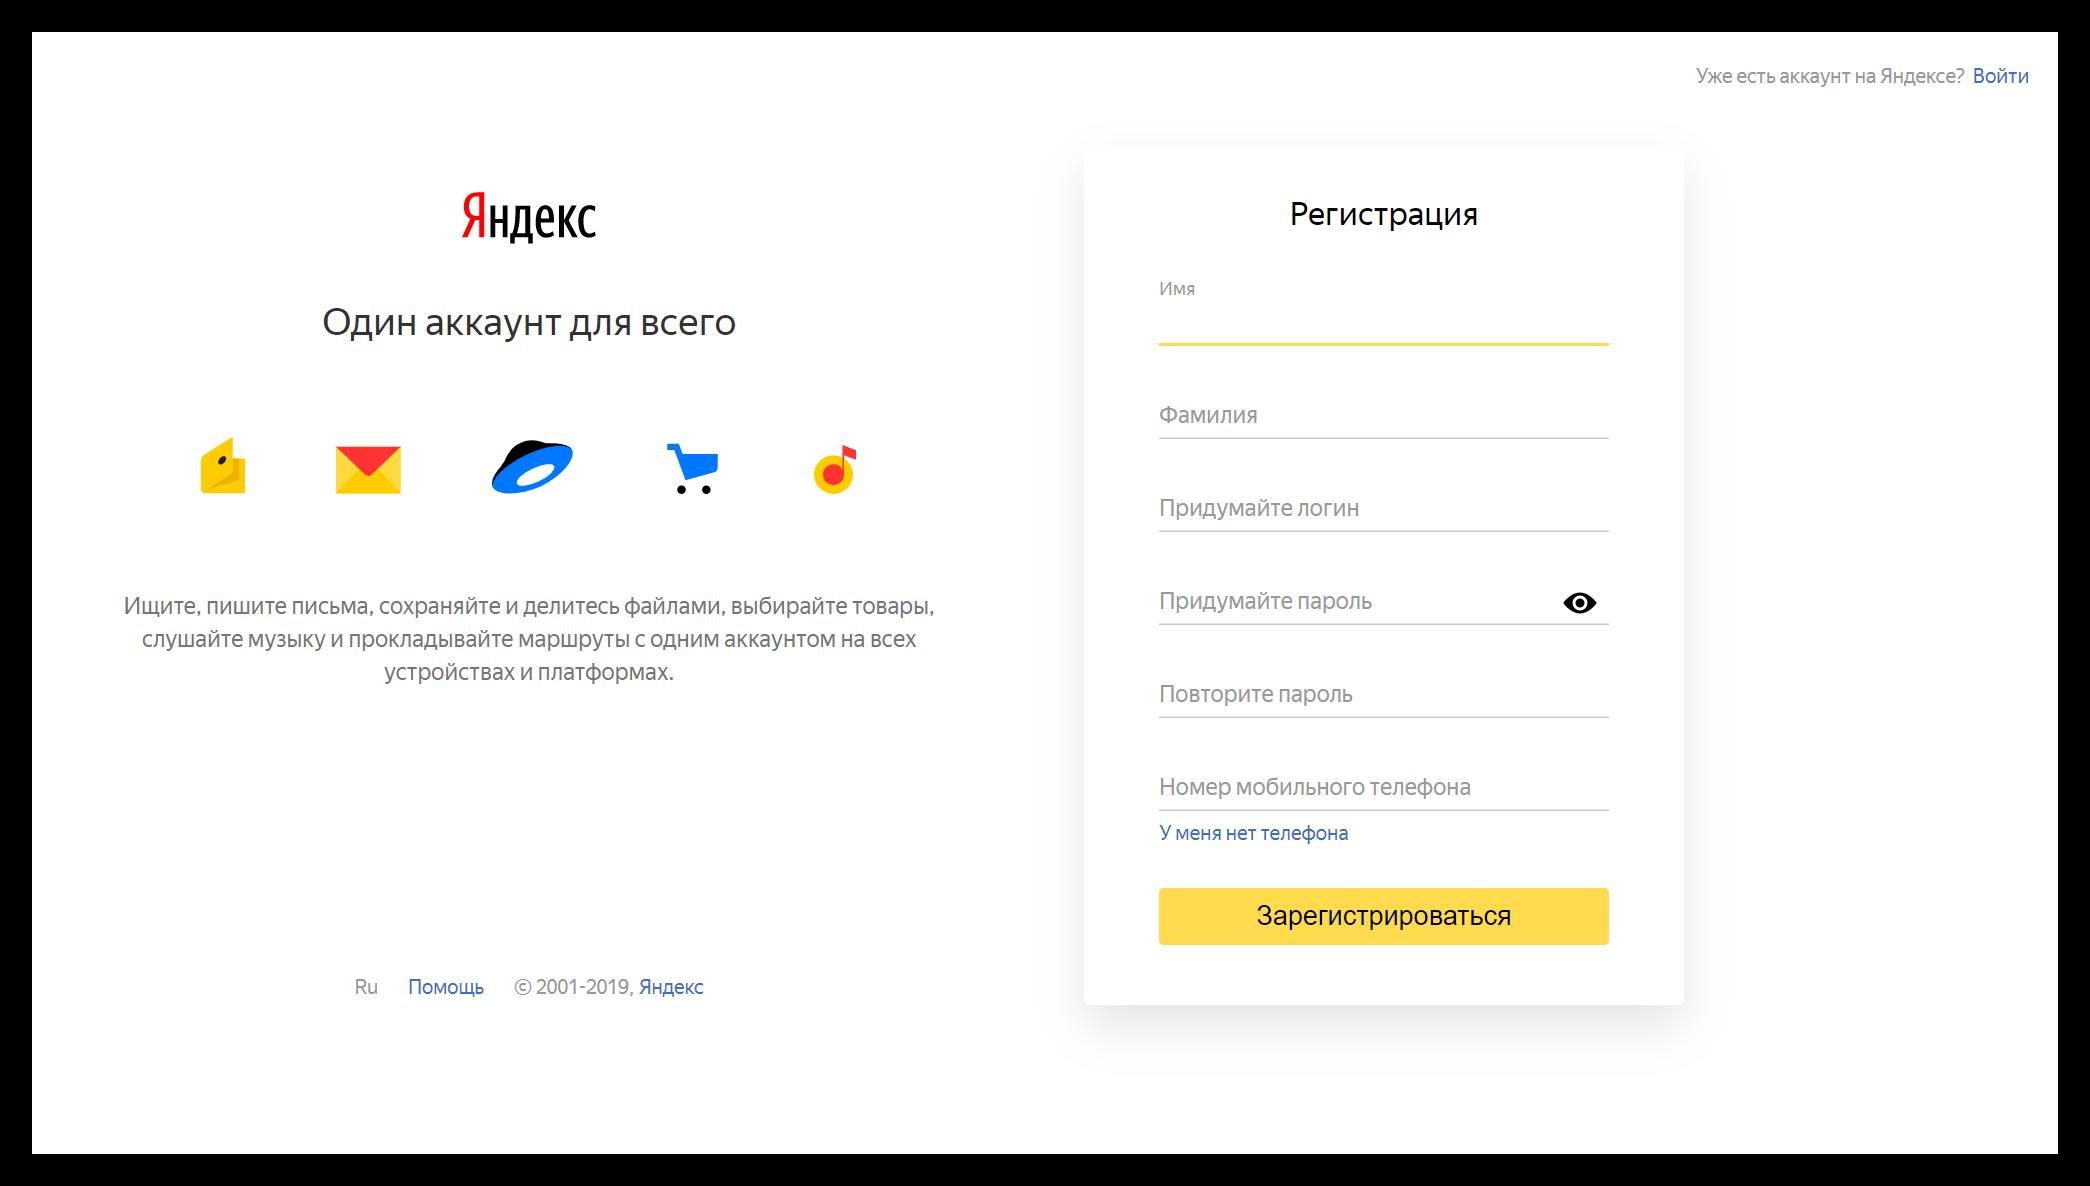 Регистрация нового пользователя в системе